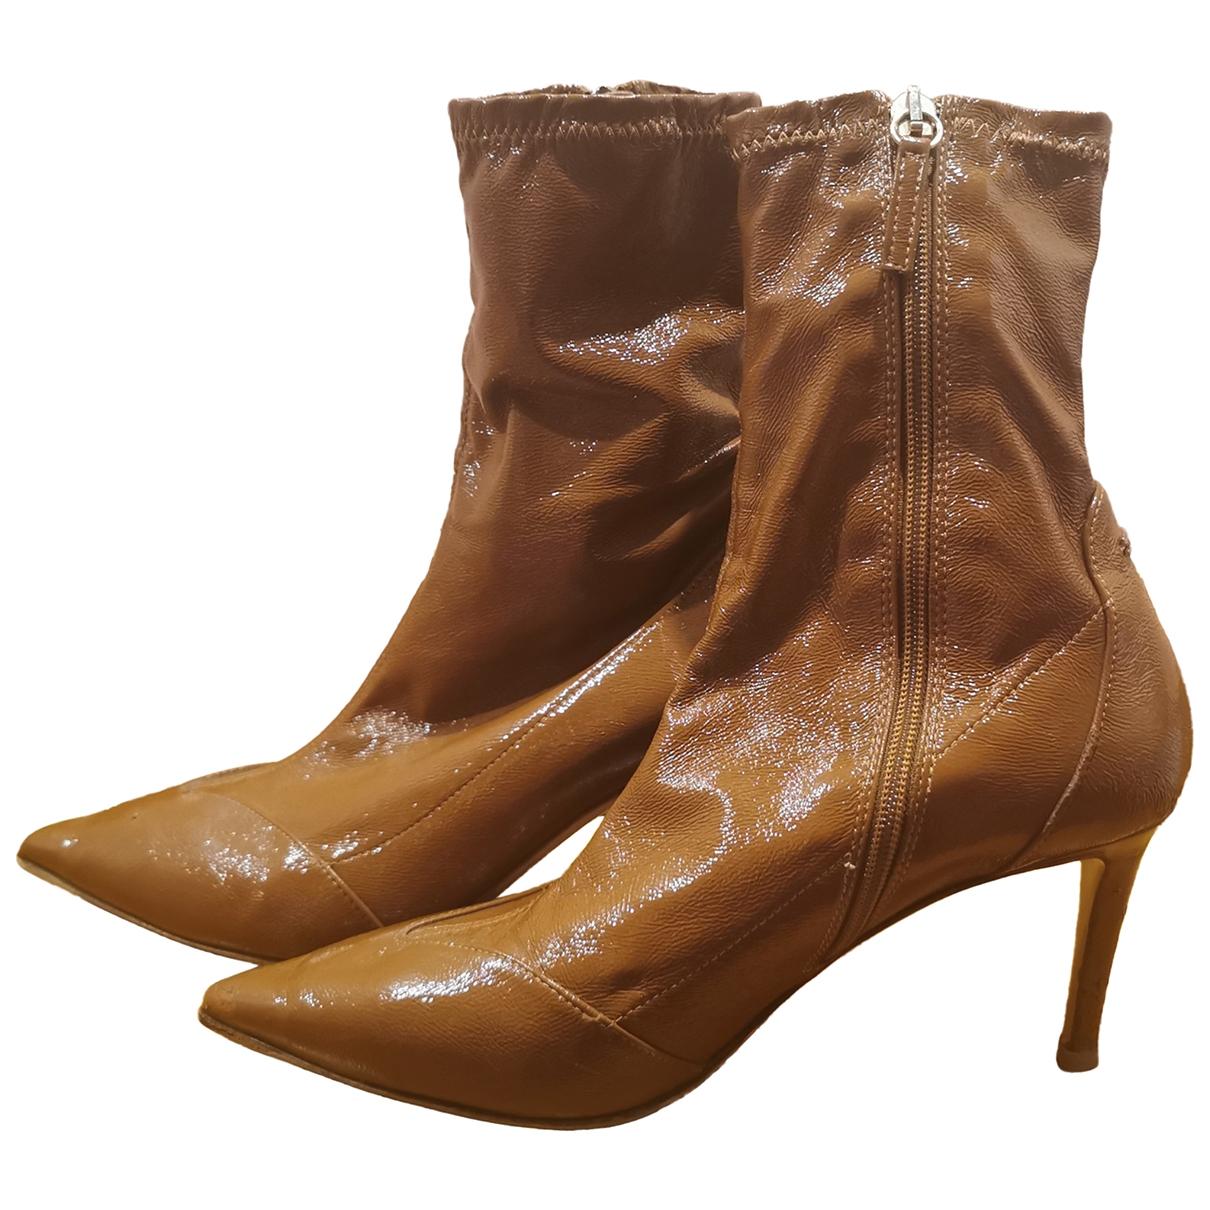 Elisabetta Franchi - Boots   pour femme en cuir verni - marron